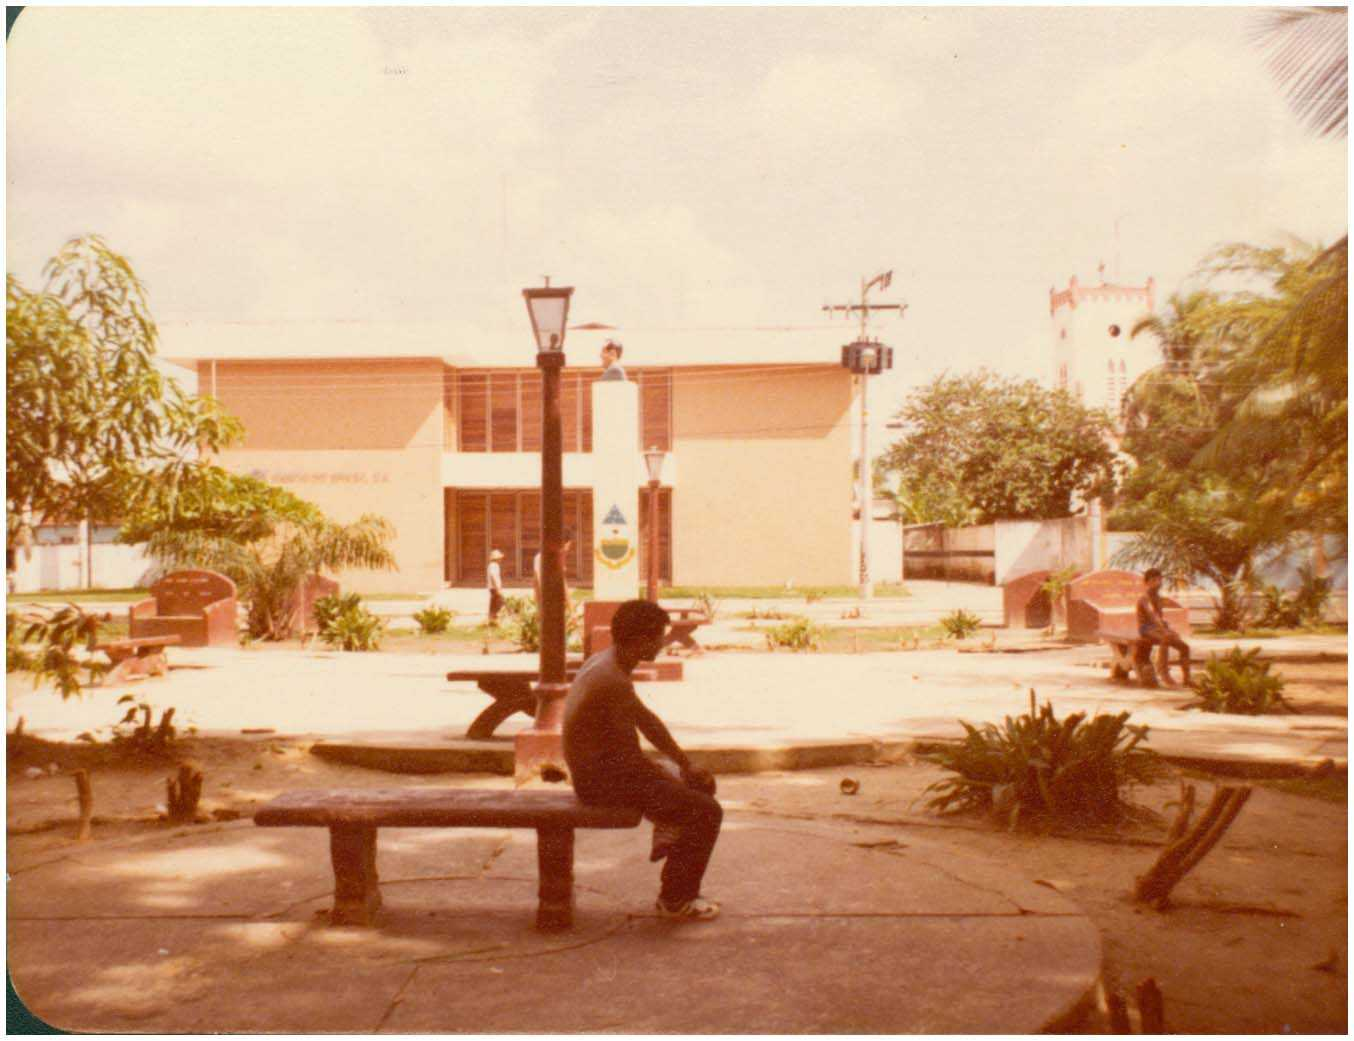 [Praça] : Banco do Brasil S.A. : Tefé, AM - [19--] / Foto : IBGE